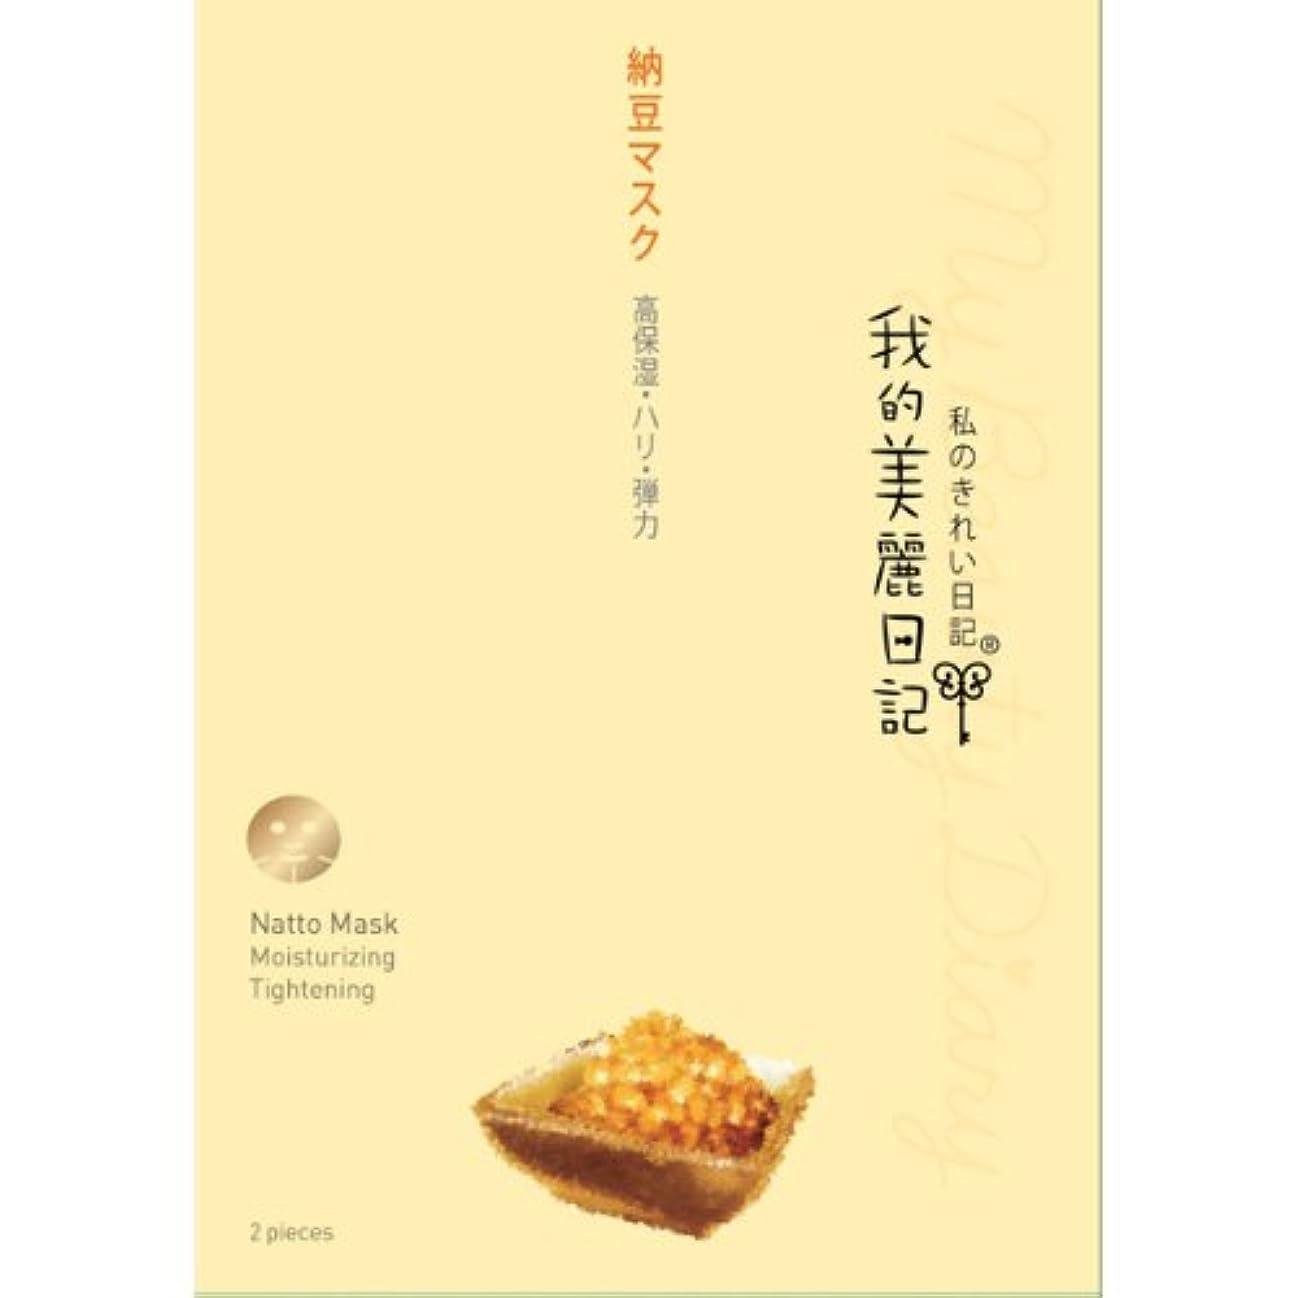 ソーセージ主張肯定的我的美麗日記 私のきれい日記 納豆マスク 23ml×2枚